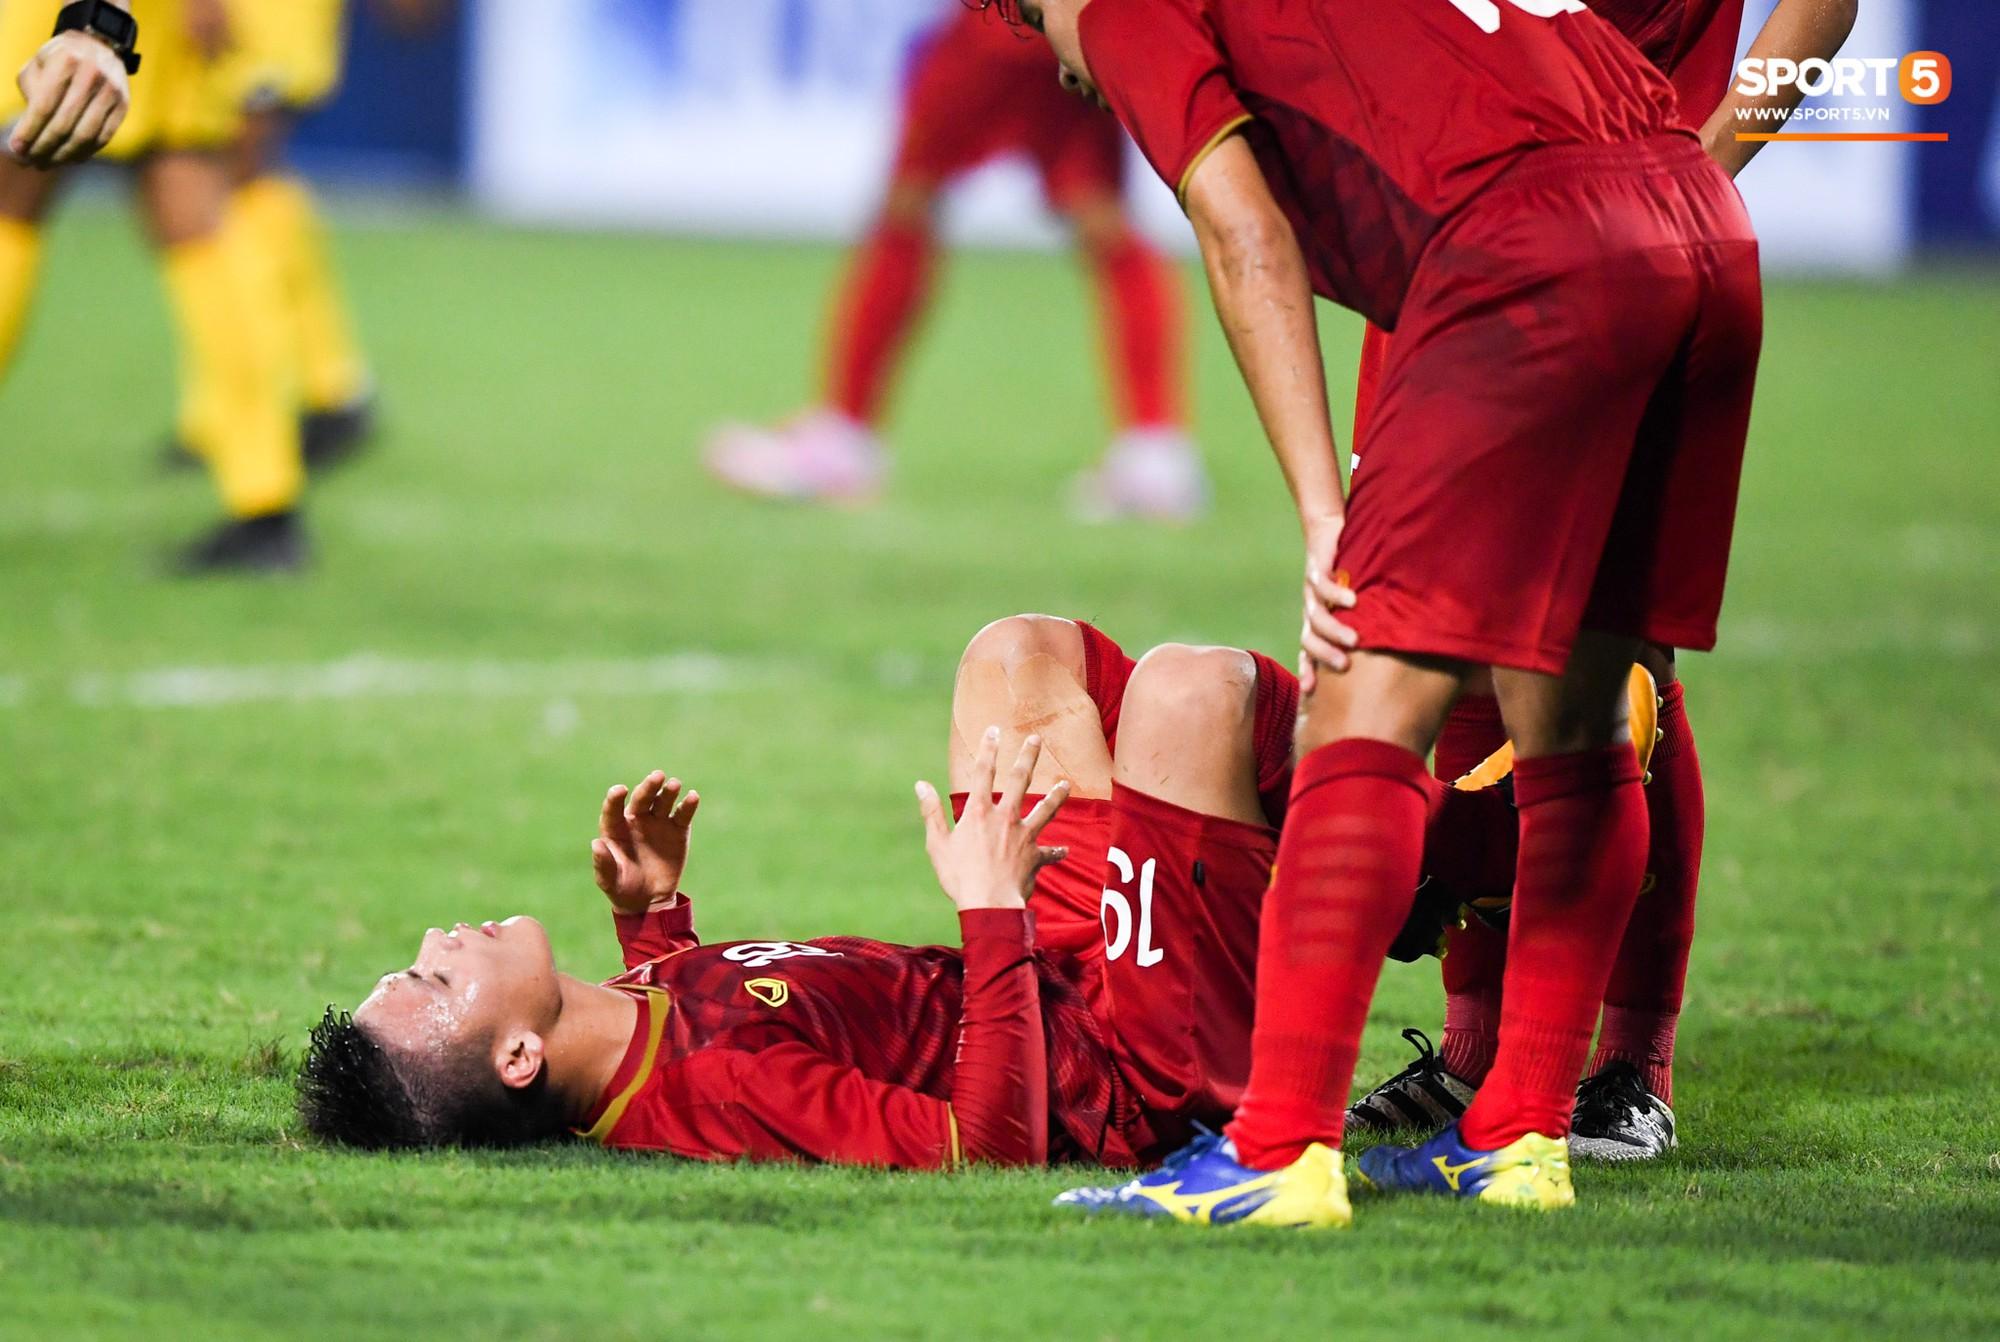 Khi bị dồn vào chân tường, U23 Indonesia có thể khiến U23 Việt Nam không còn lành lặn - Ảnh 3.